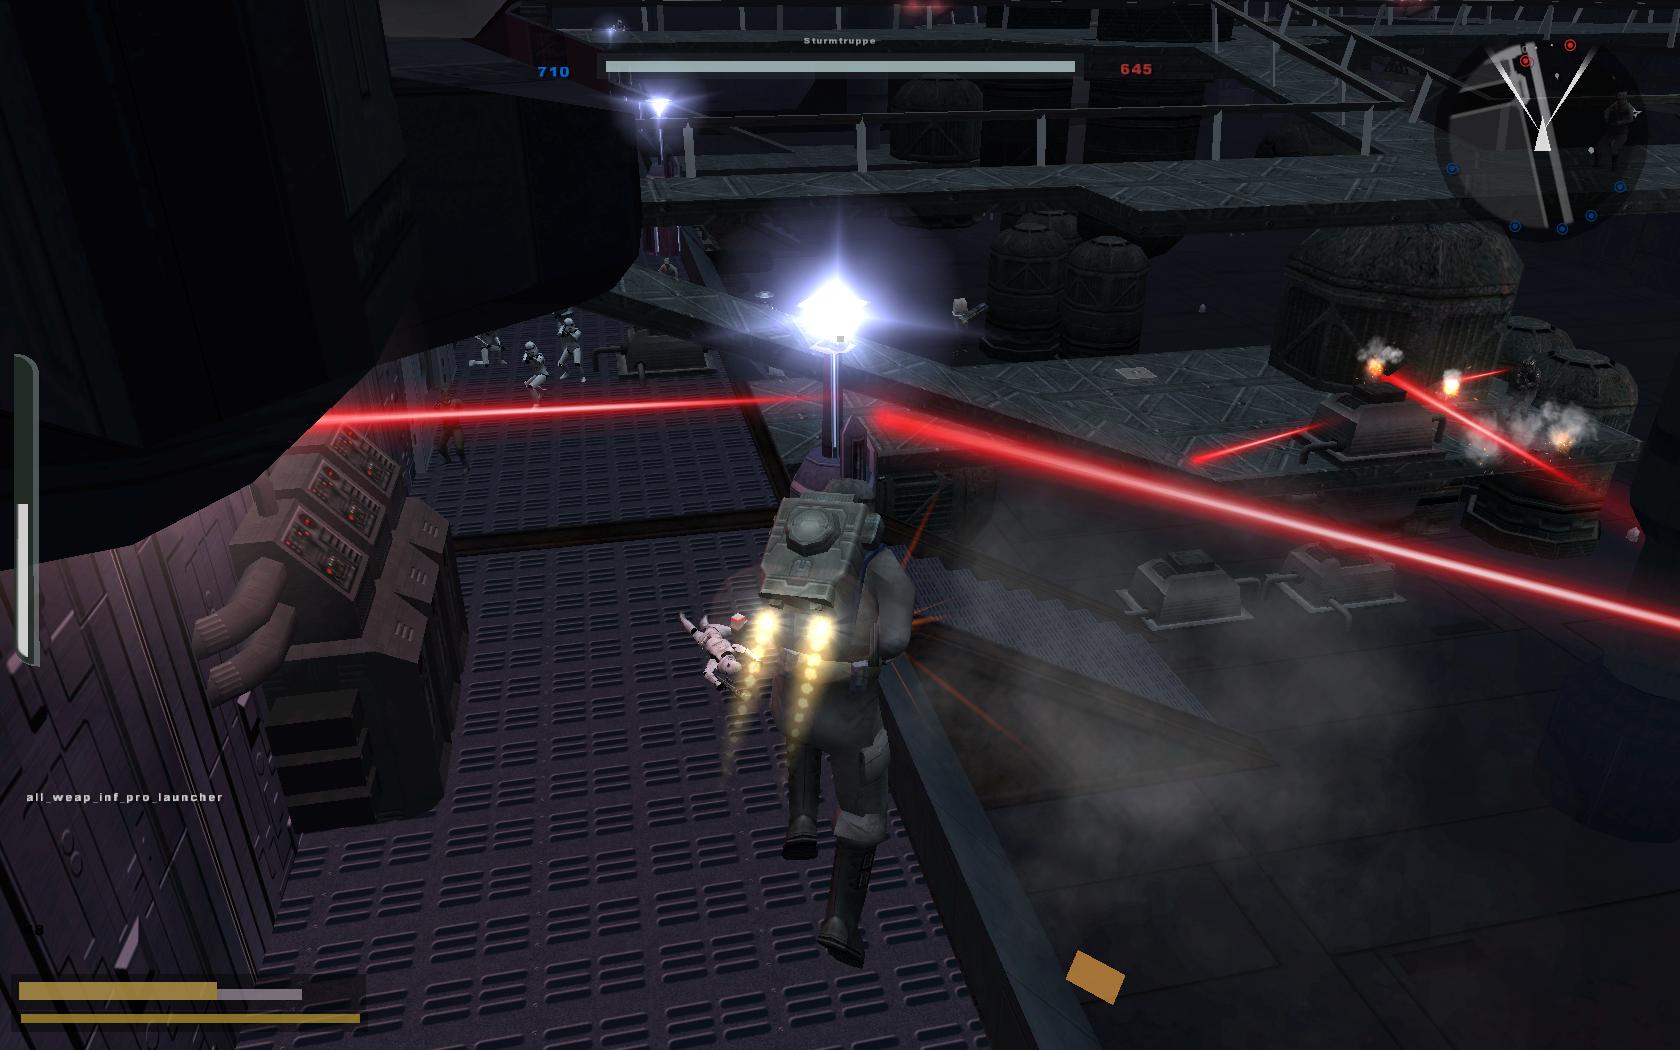 screenshot_0054.png - Star Wars: Battlefront 2